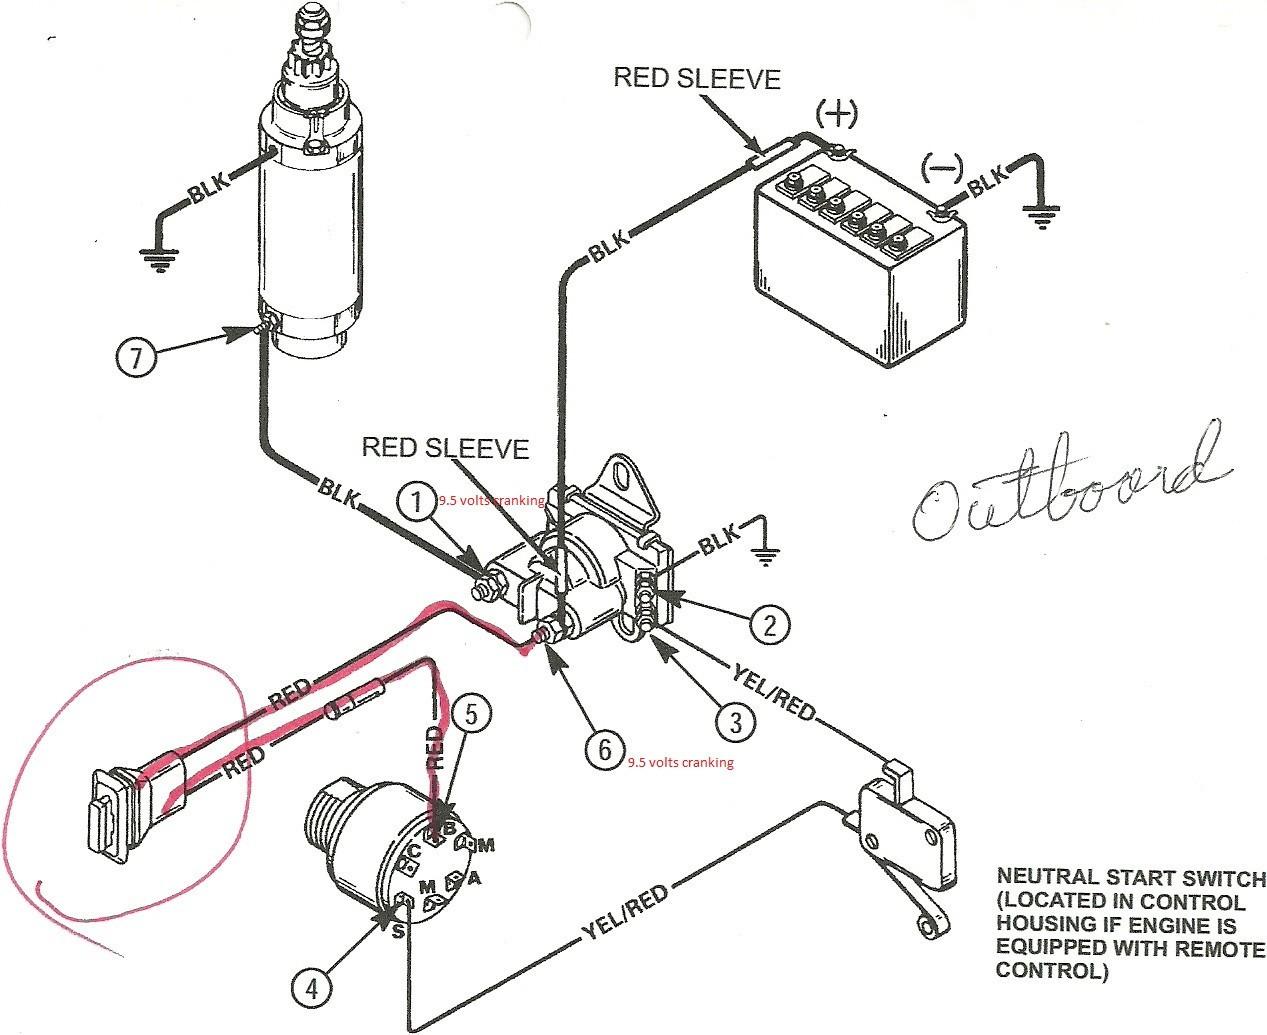 GO_5339] Case Starter Solenoid Wiring Wiring DiagramSieg Opein Mohammedshrine Librar Wiring 101